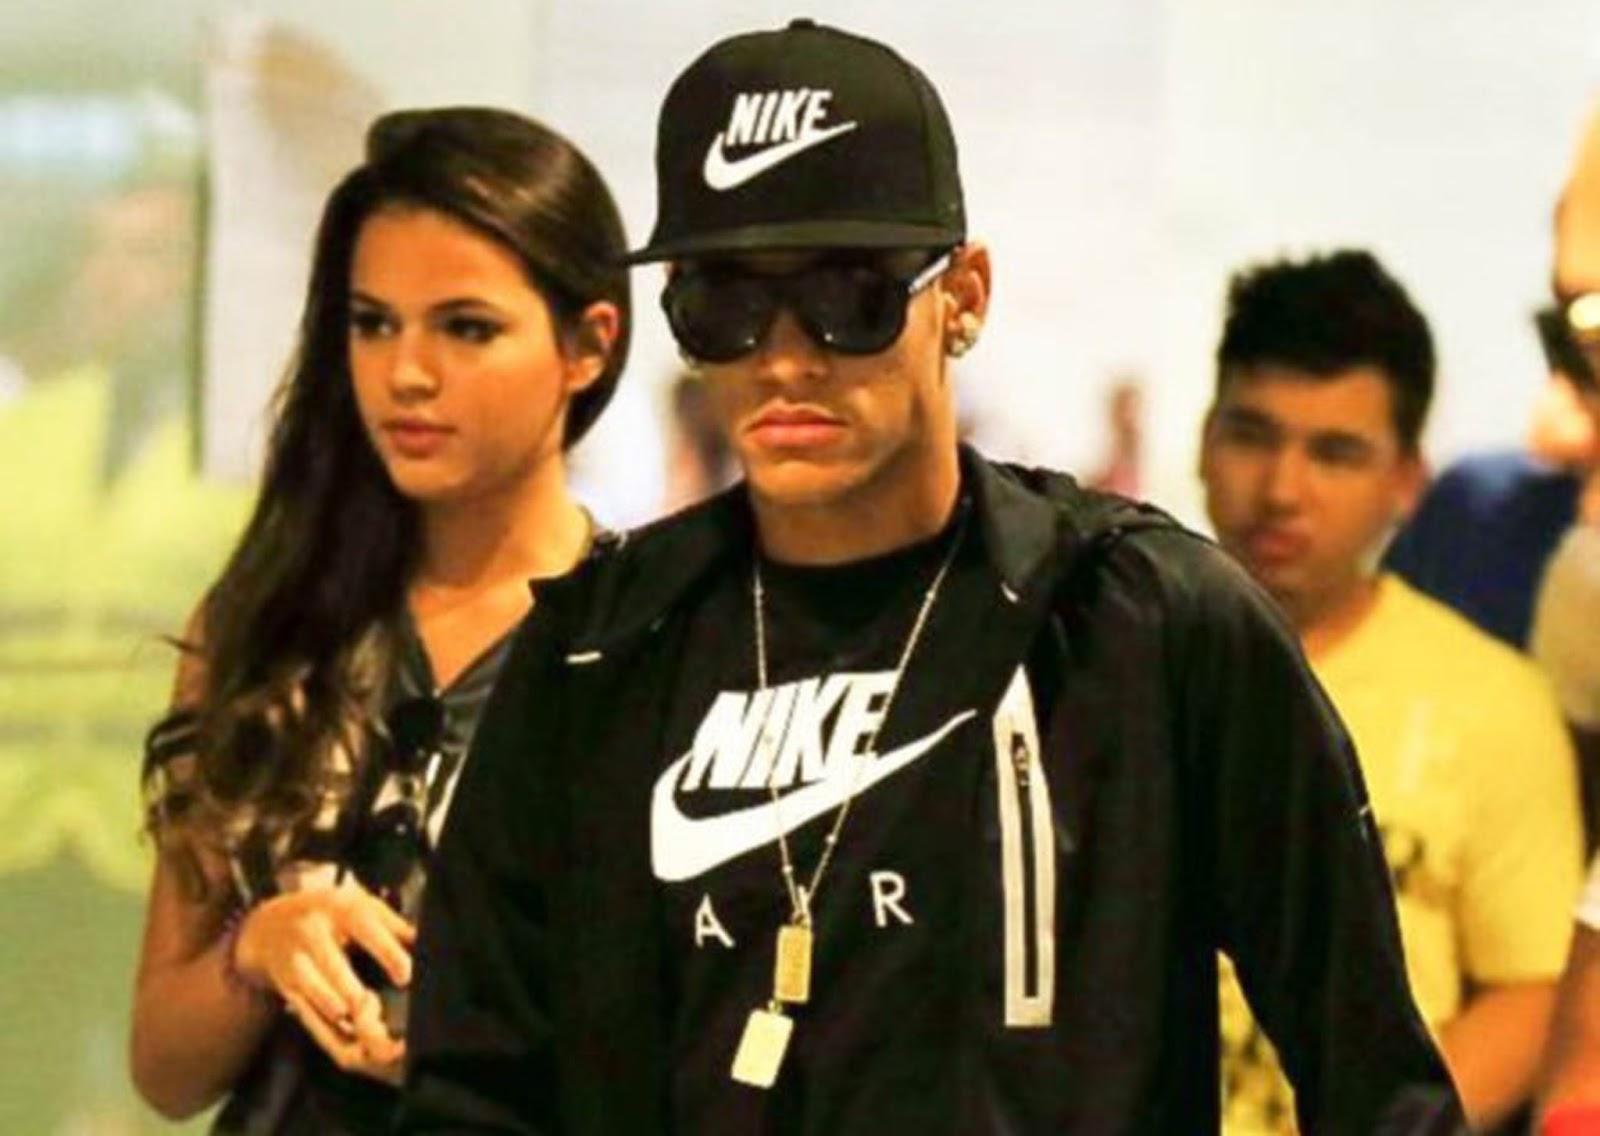 2. Barcelona deve bancar visitas de Bruna Marquezine a Neymar